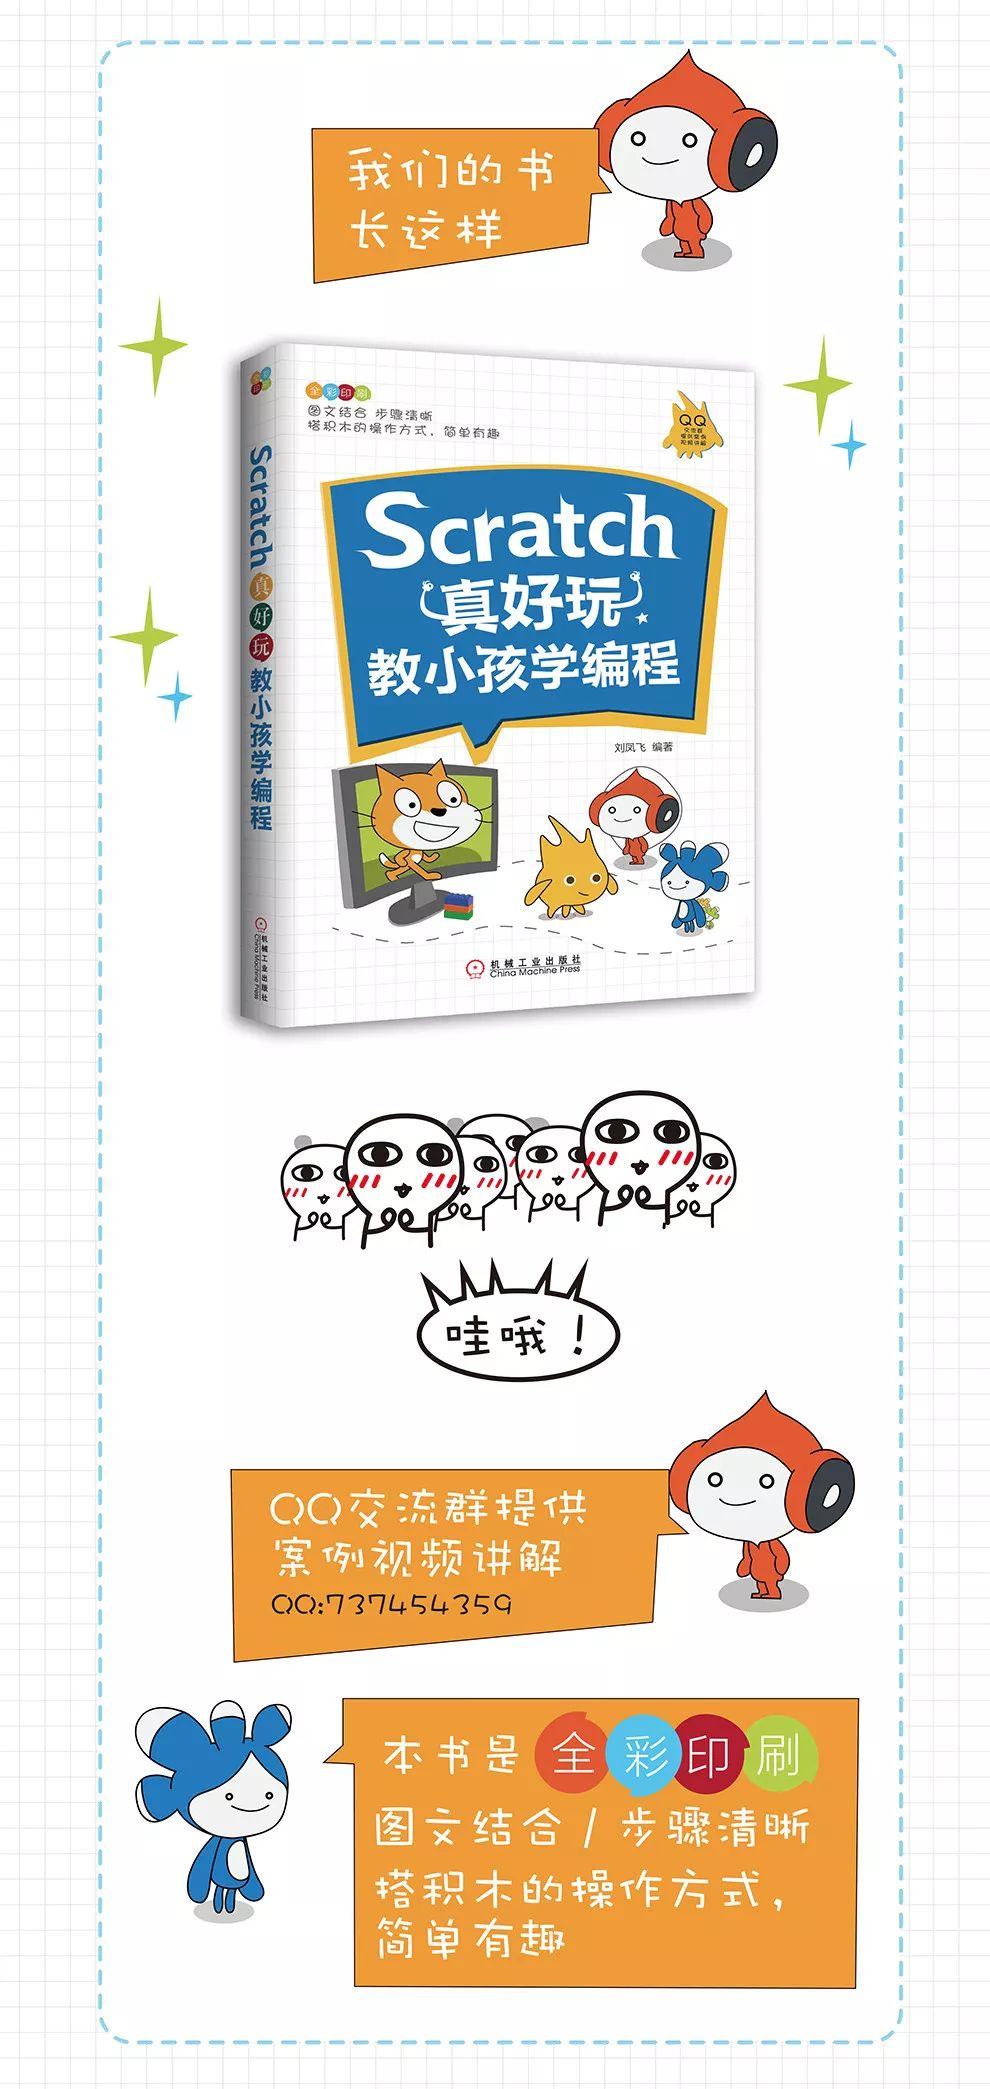 强烈推荐:这是一本小学生就能看懂的编程书